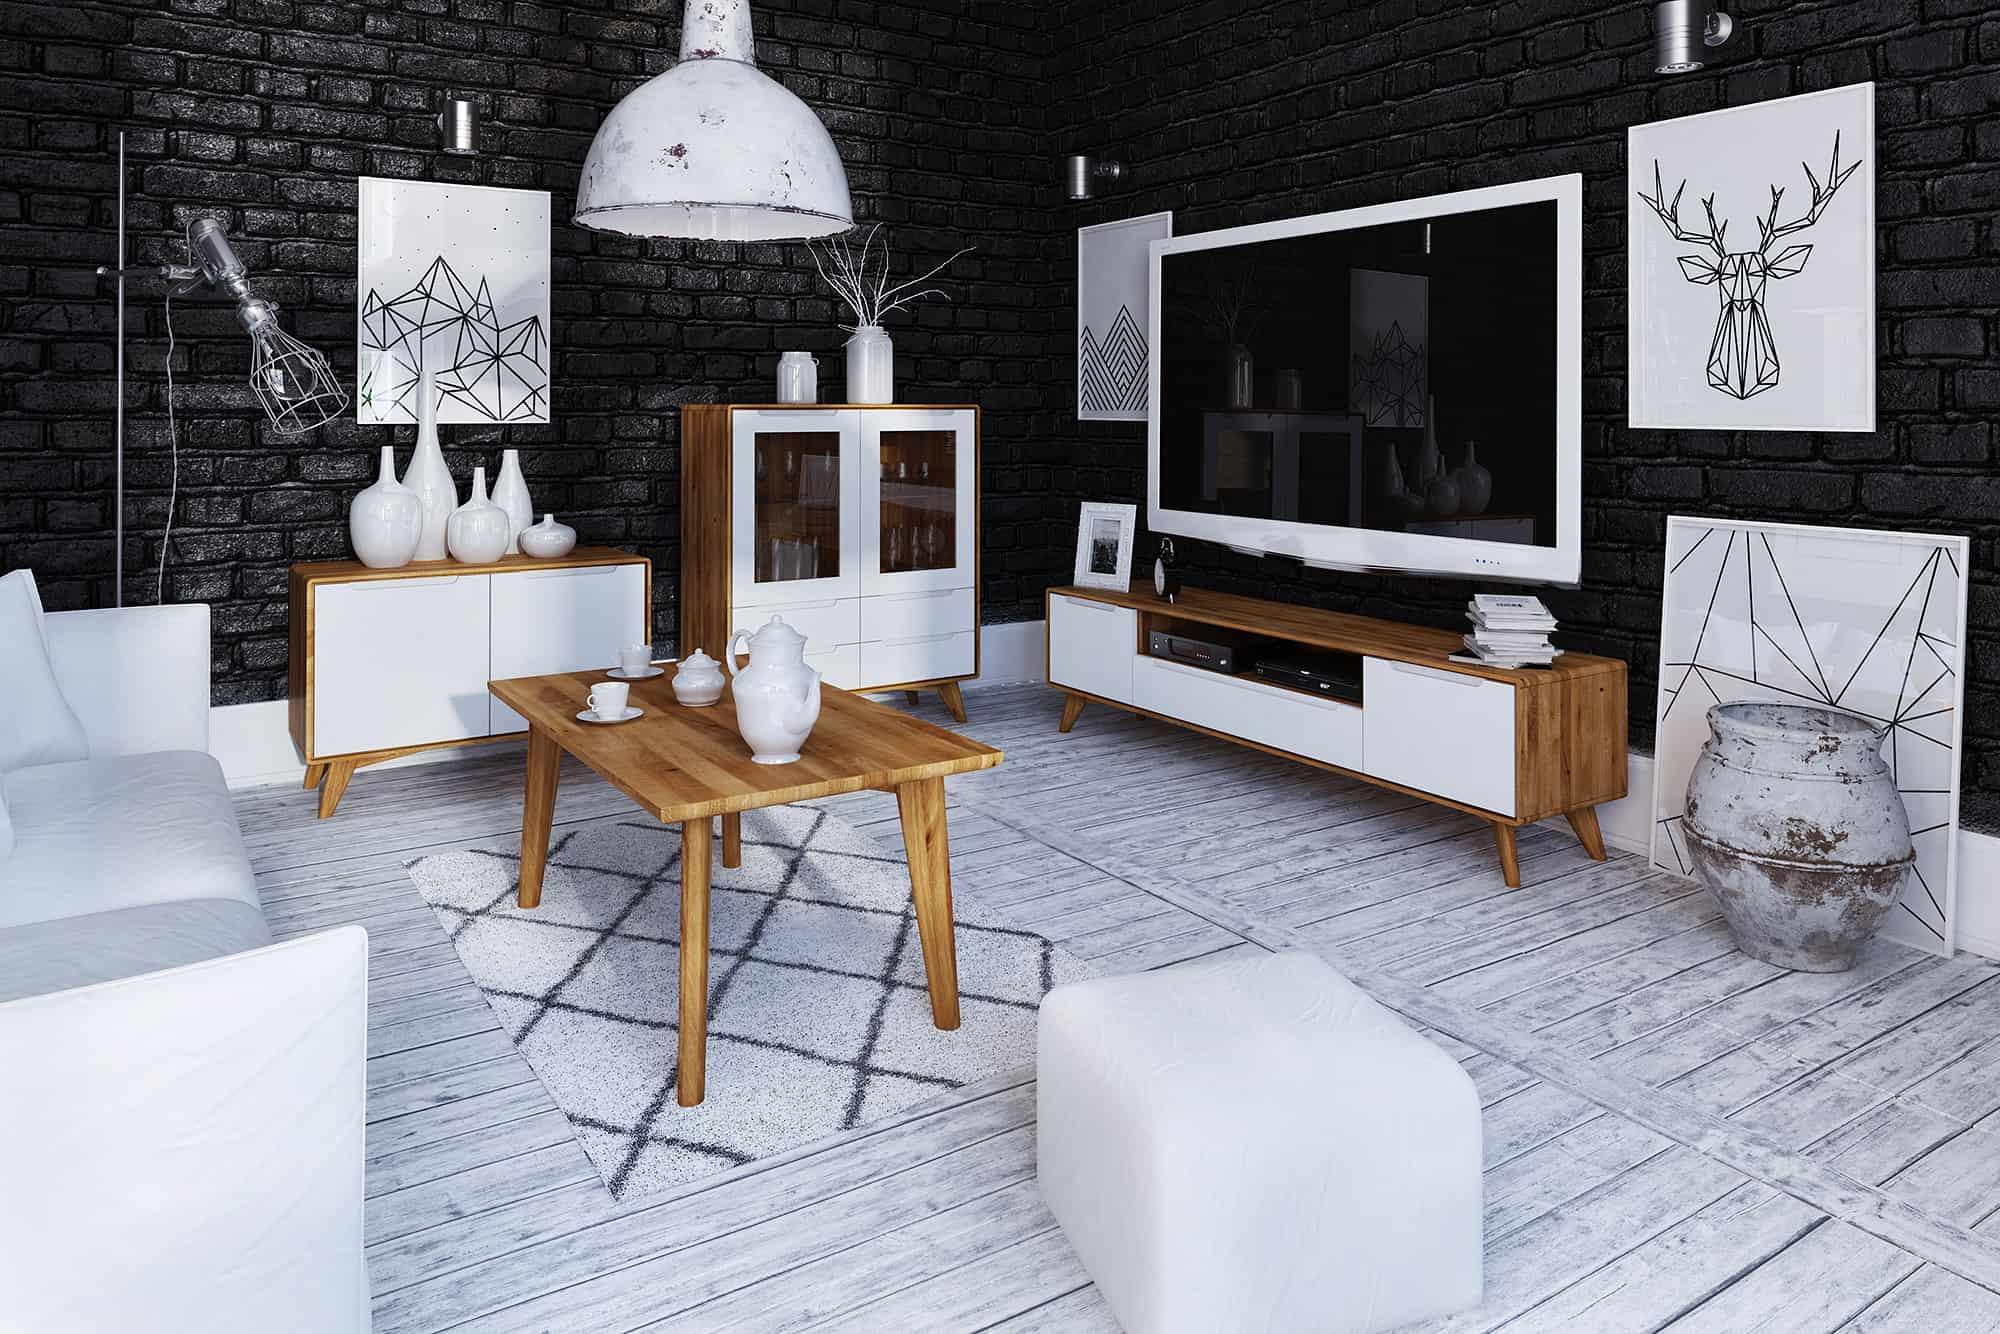 Zdjęcie 2 - BIANCO - Kolekcja mebli do salonu z drewna litego